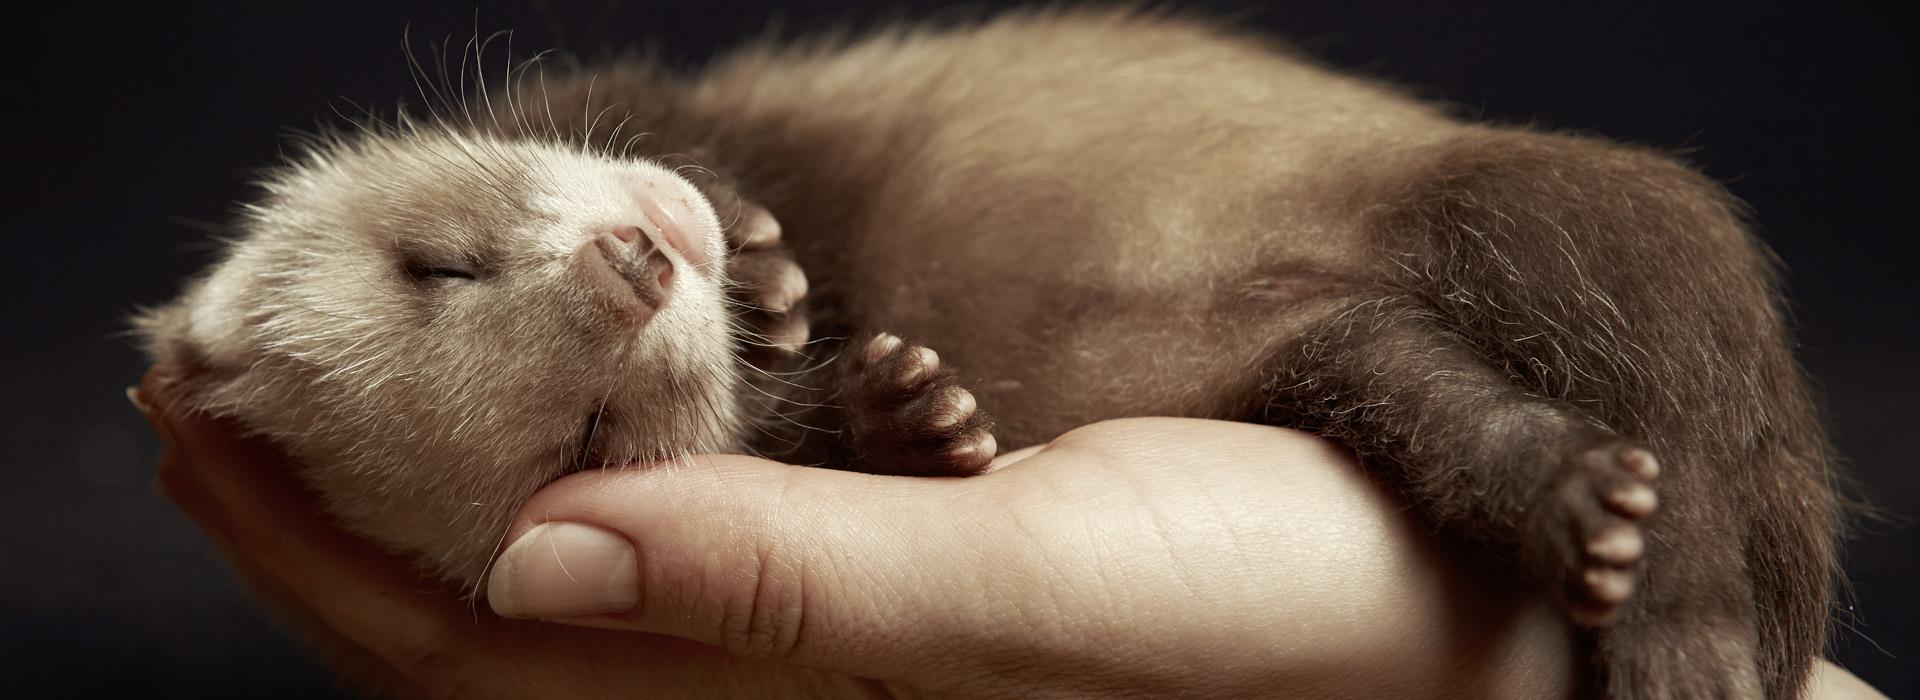 Vermittelte Kleintiere